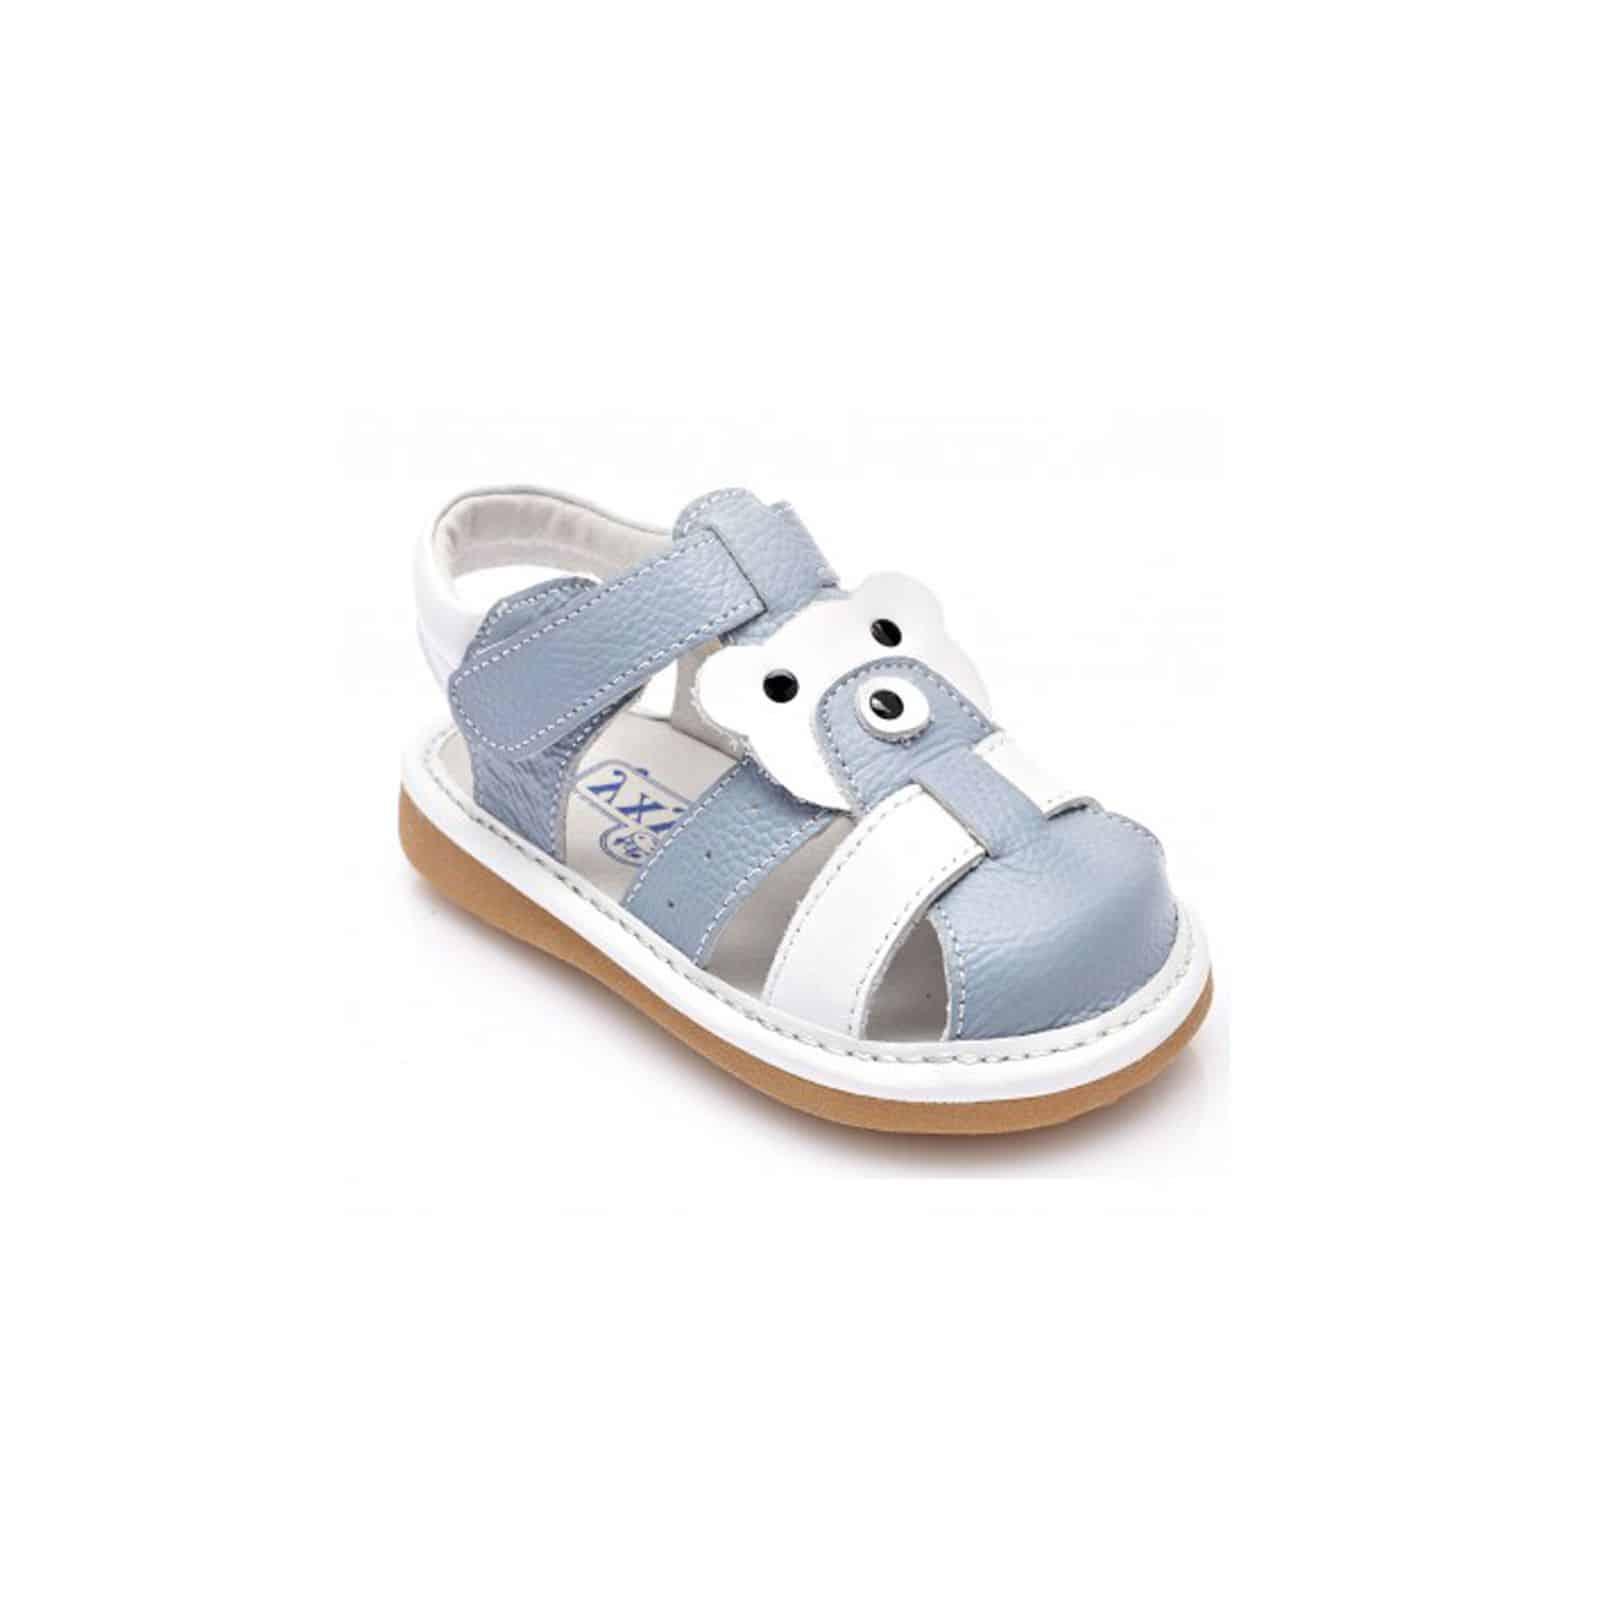 a2365ca0317a0 Chaussures semelle souple sandales fermées bicolores